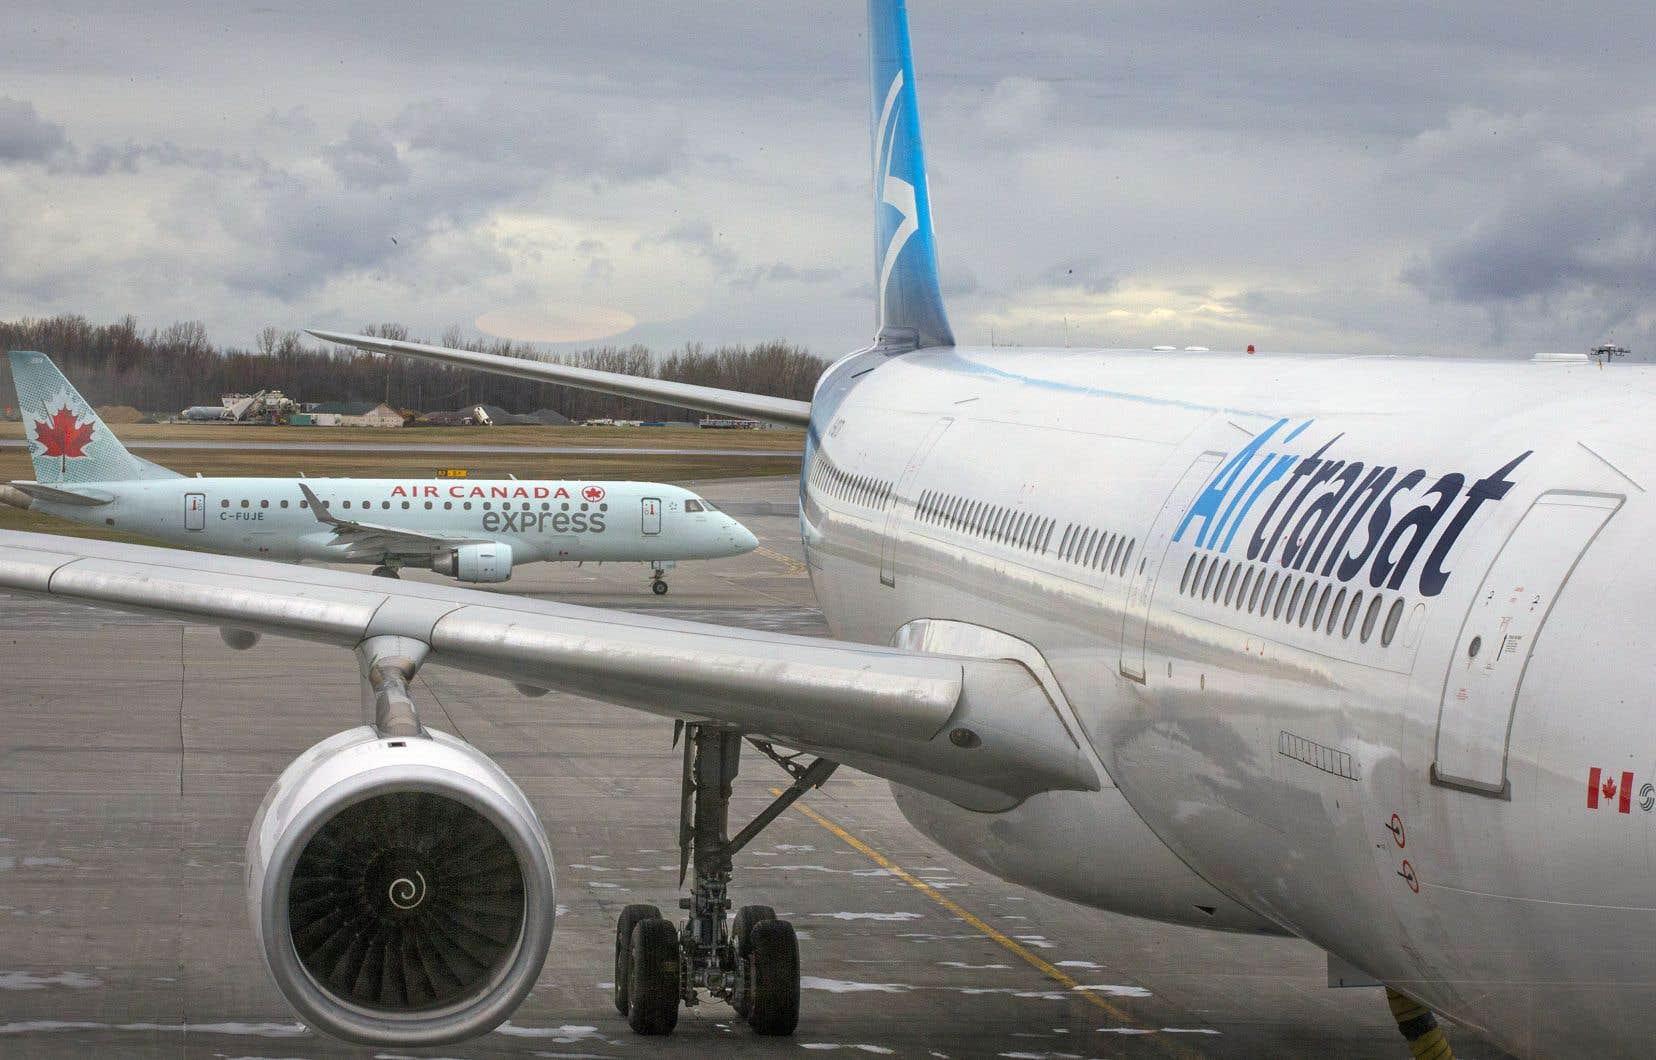 Un rapprochement Air Canada-Transat soulève un enjeu de concentration dans l'industrie du transport aérien.